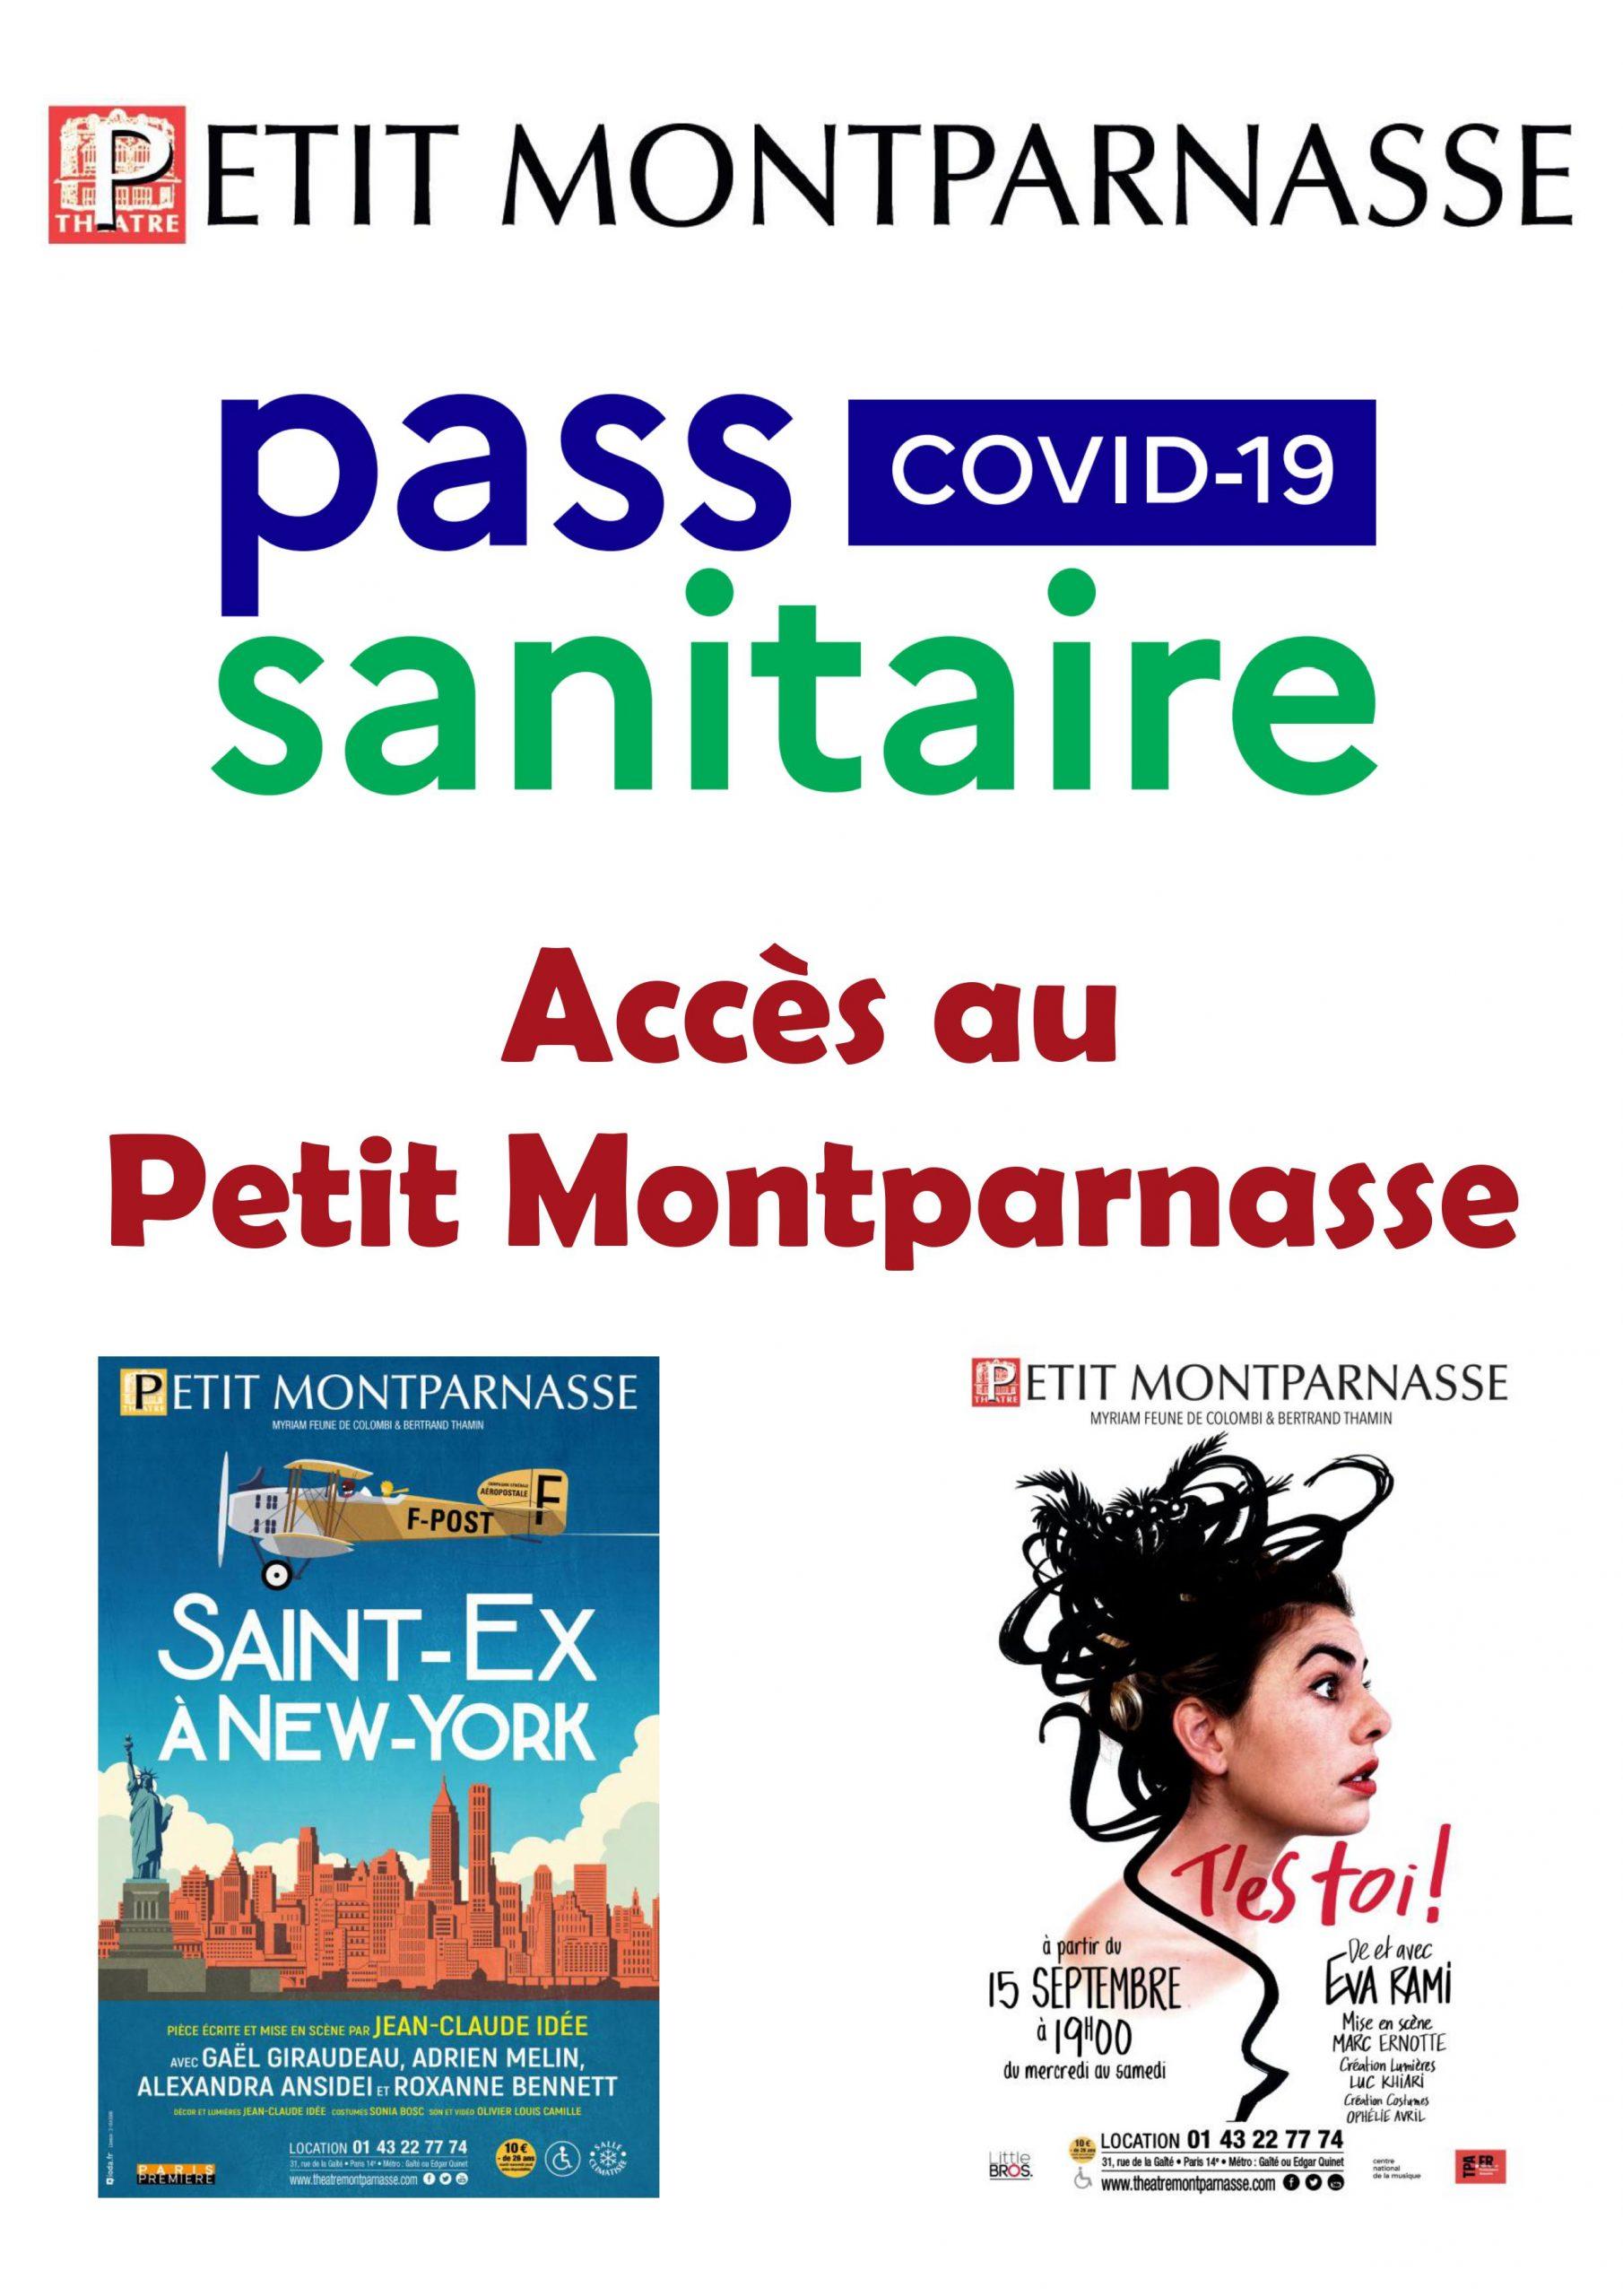 Affiche accès Pt Mtp pass sanitaire